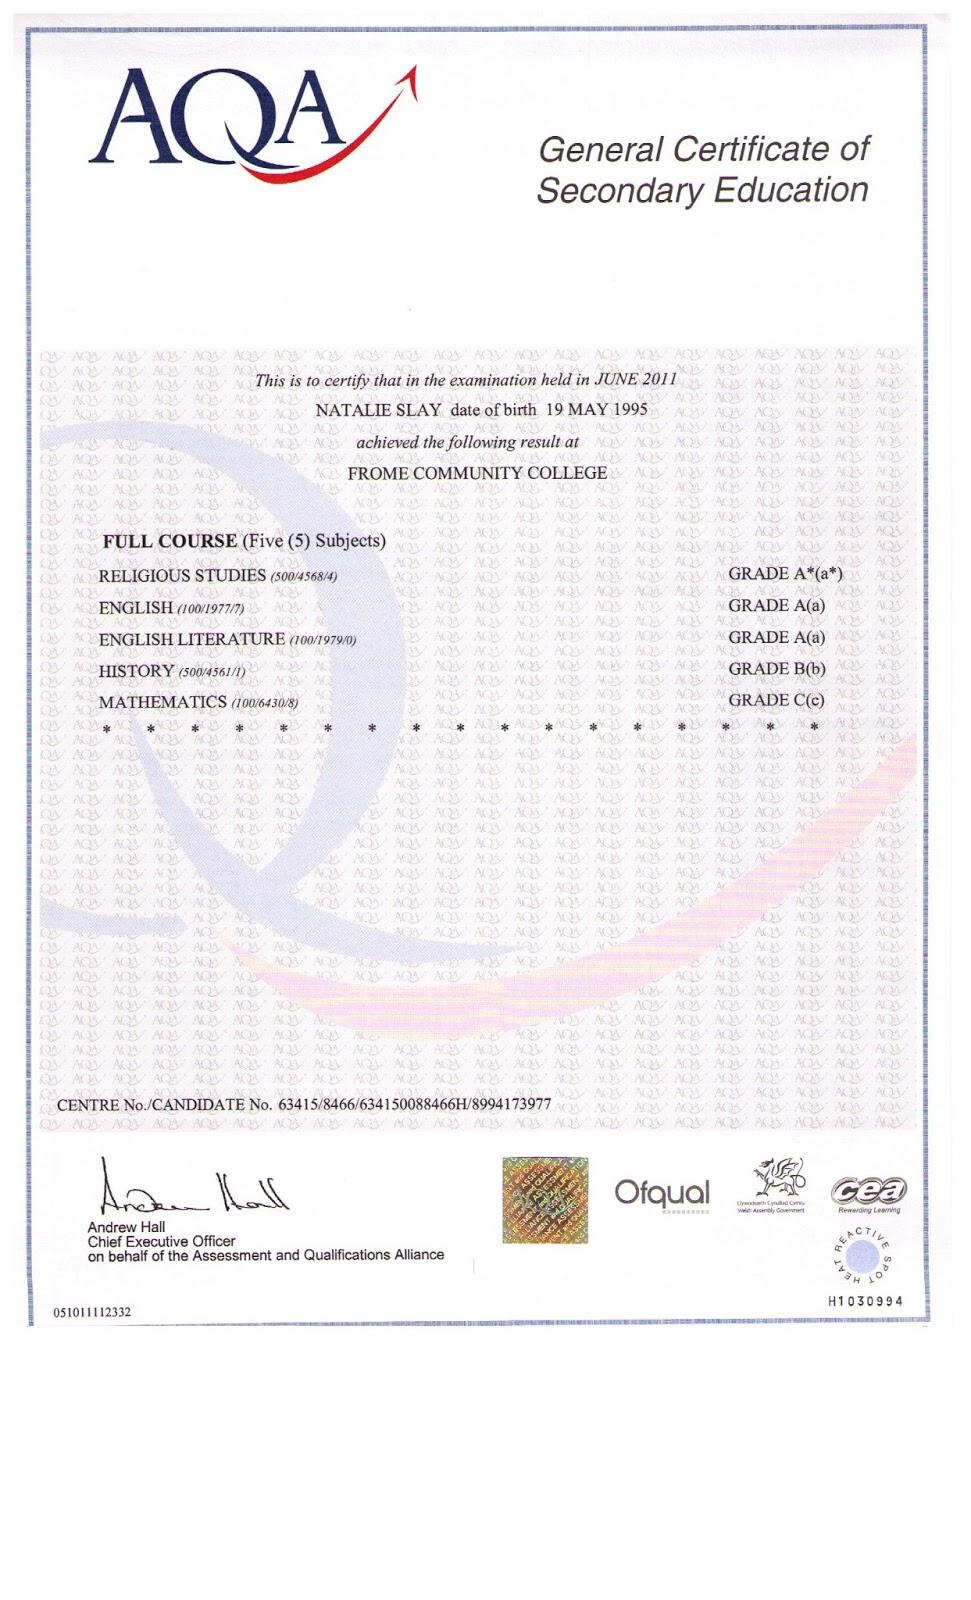 gcse certificate template my curriculum vitae january 2013